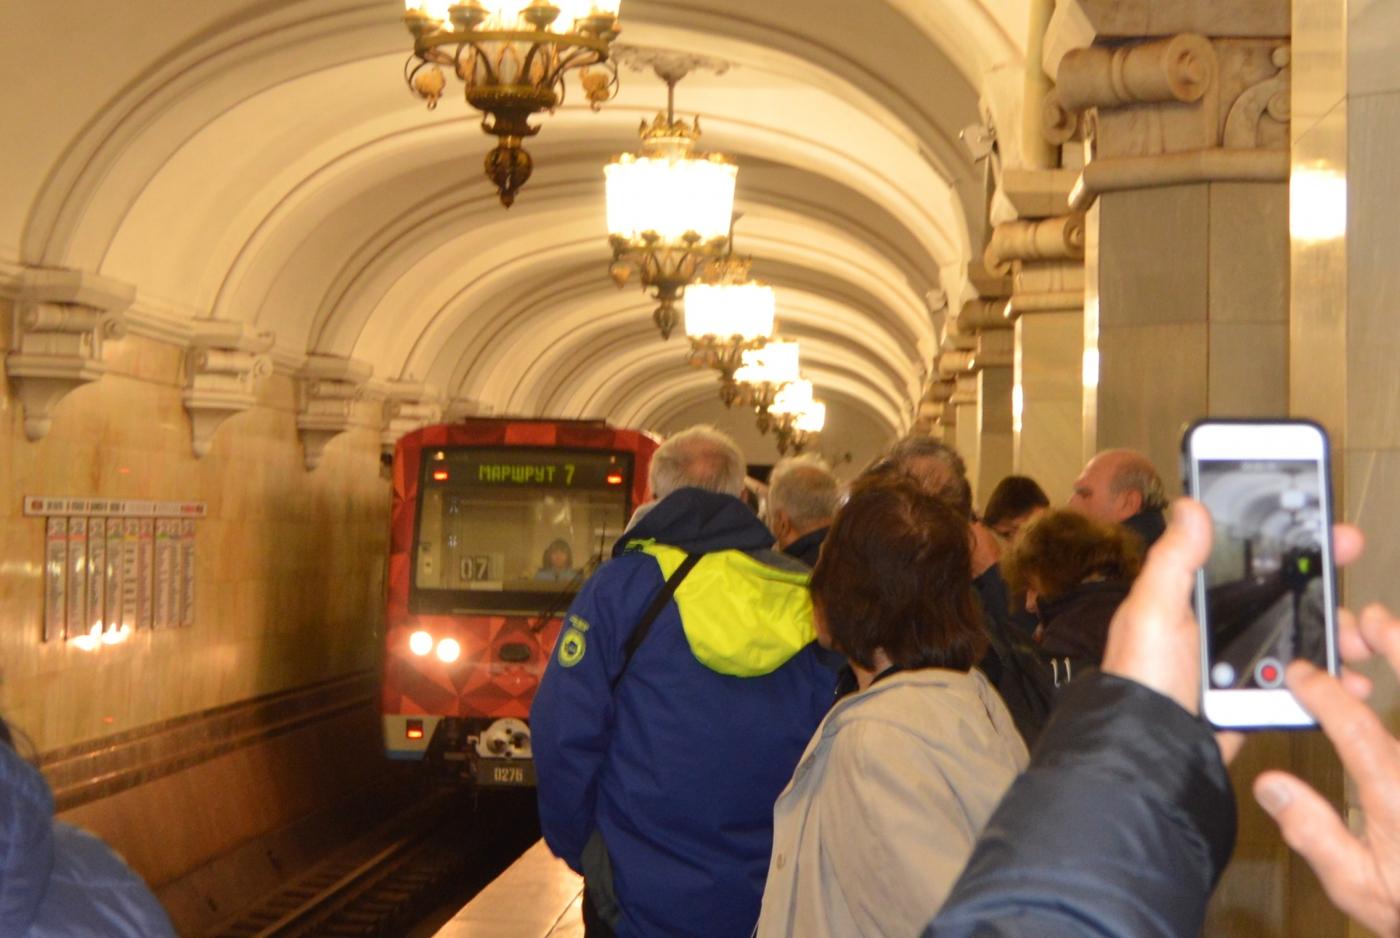 参观莫斯科地铁_图1-1